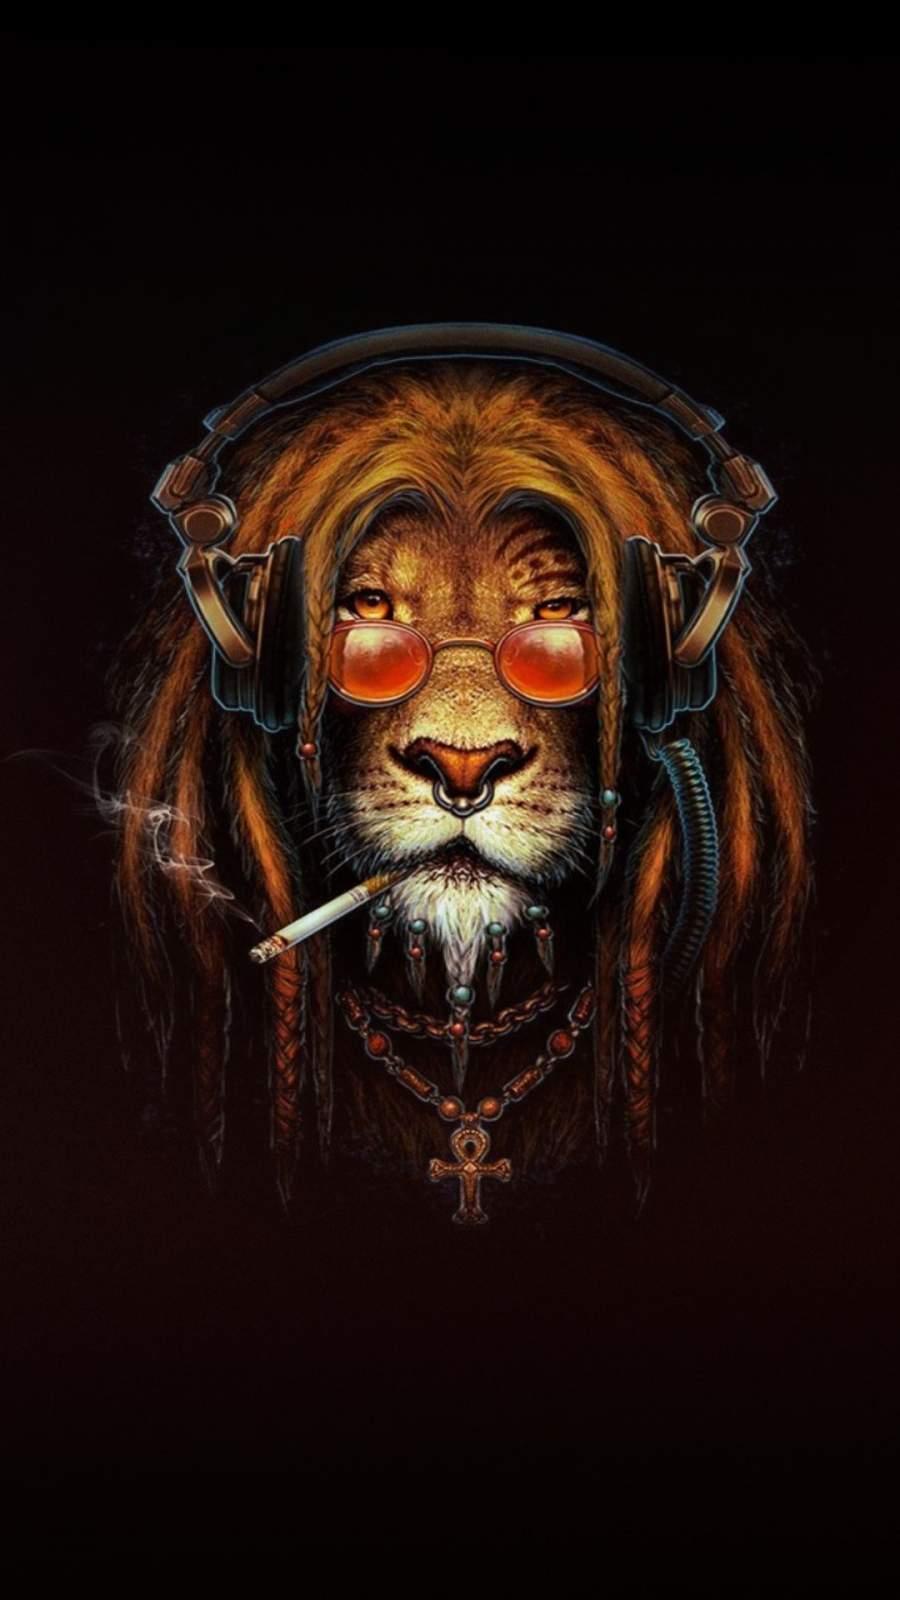 Lion Smoking Artwork iPhone Wallpaper